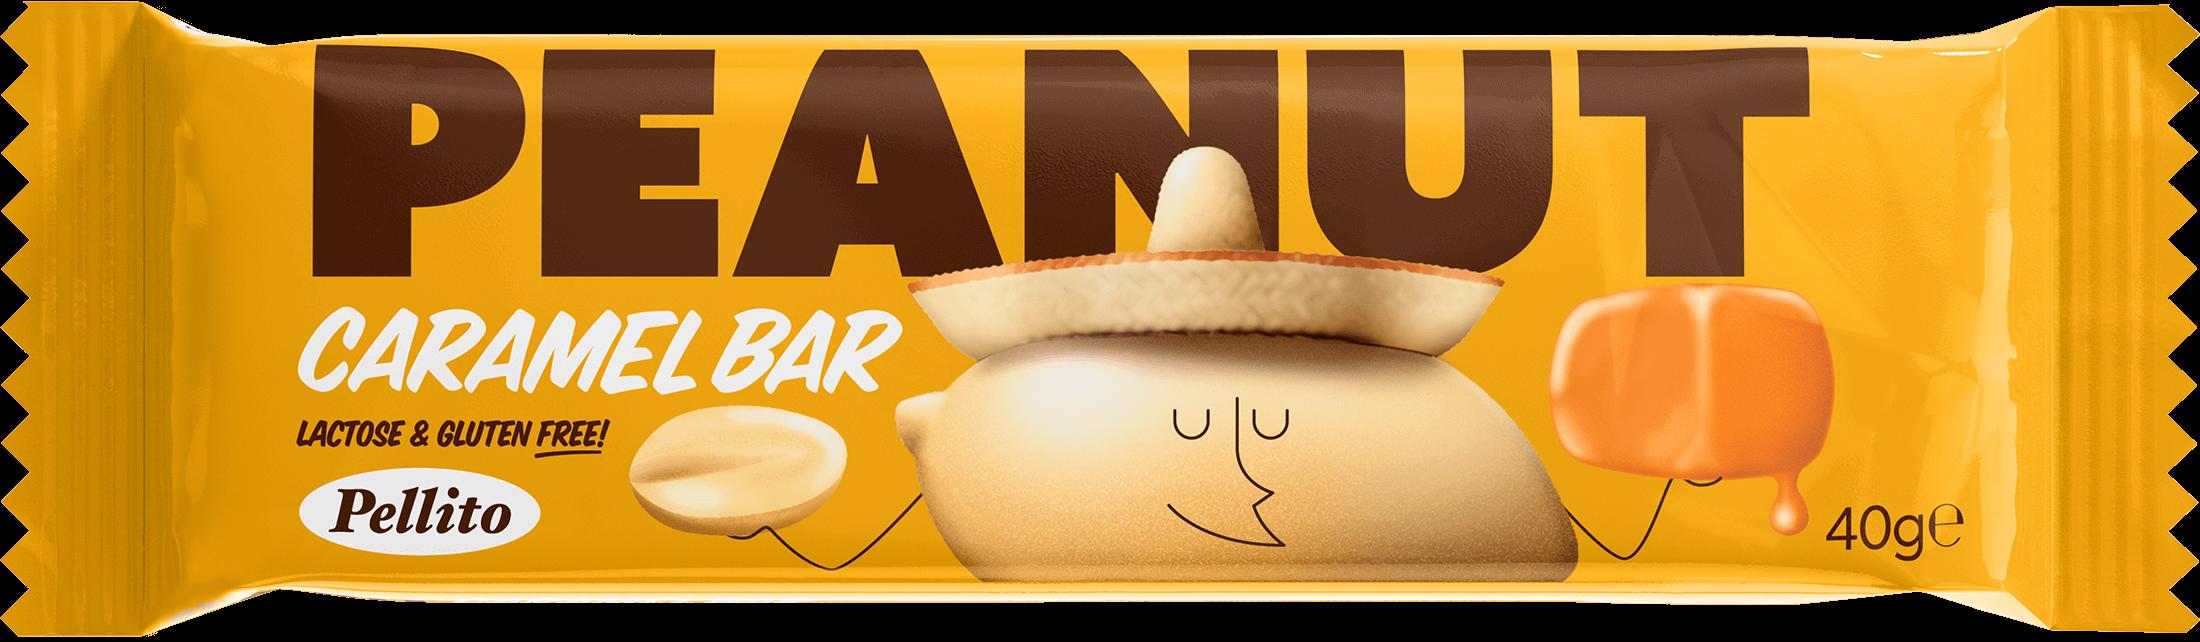 Peanut Caramel Bar